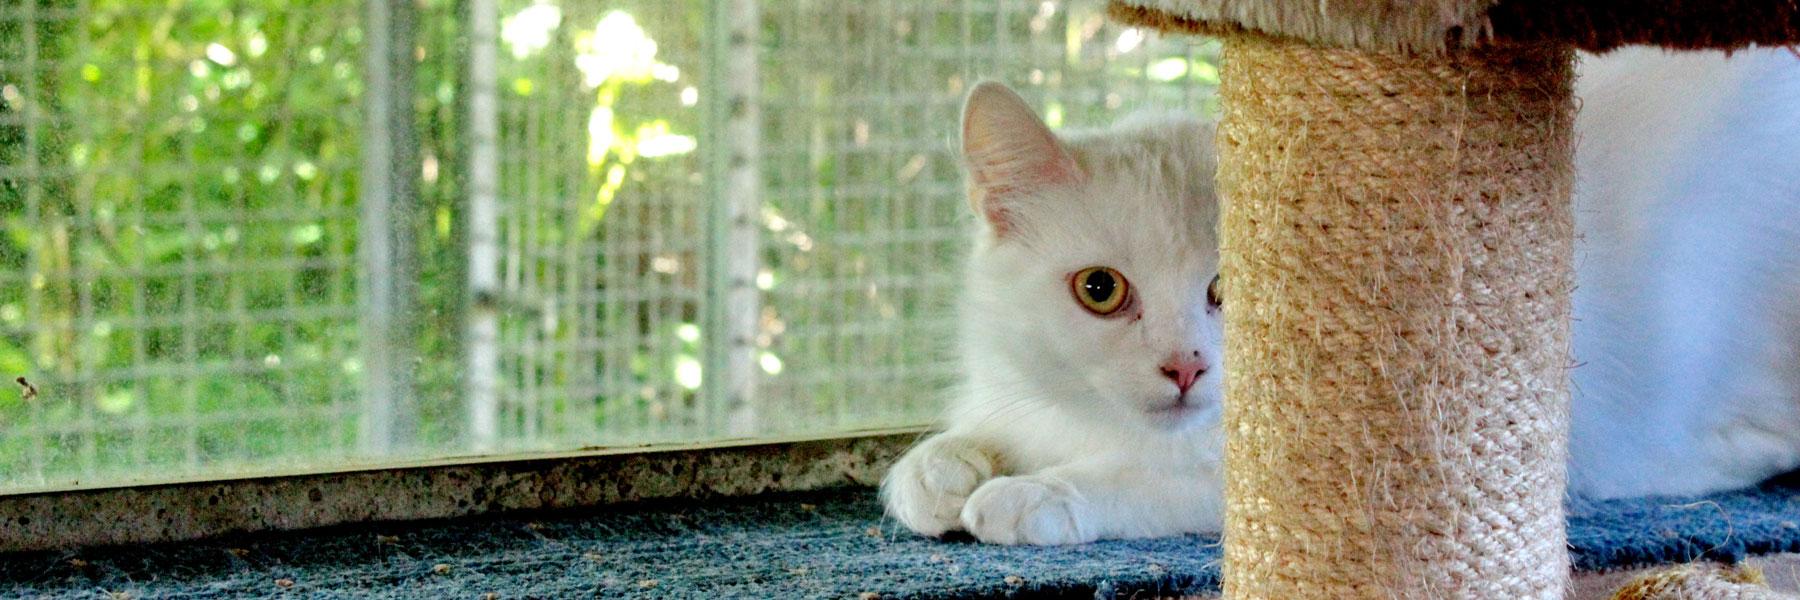 Katze - Tierpension Tannenberg